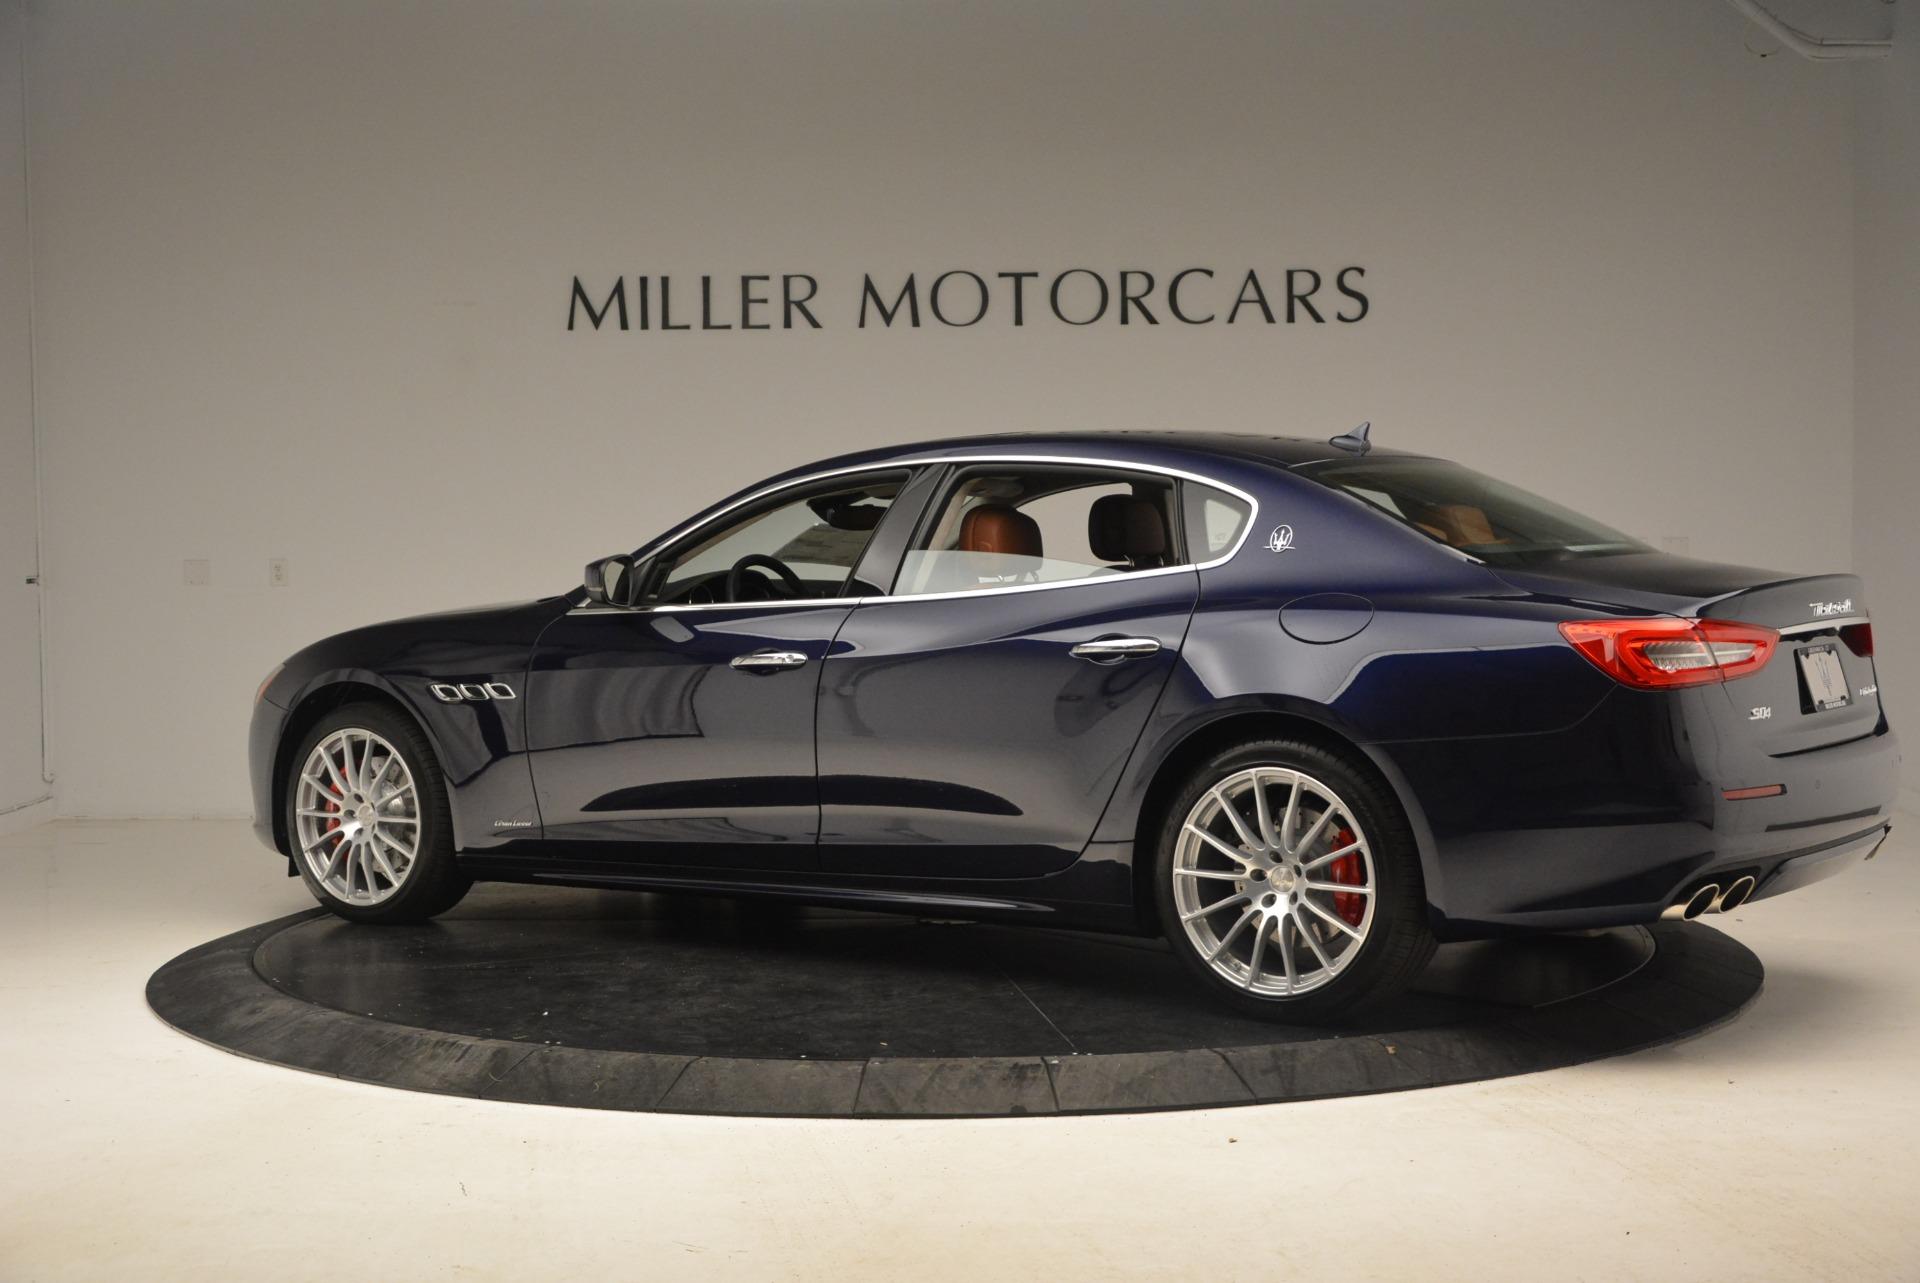 New 2019 Maserati Quattroporte S Q4 GranLusso For Sale In Greenwich, CT 2767_p4